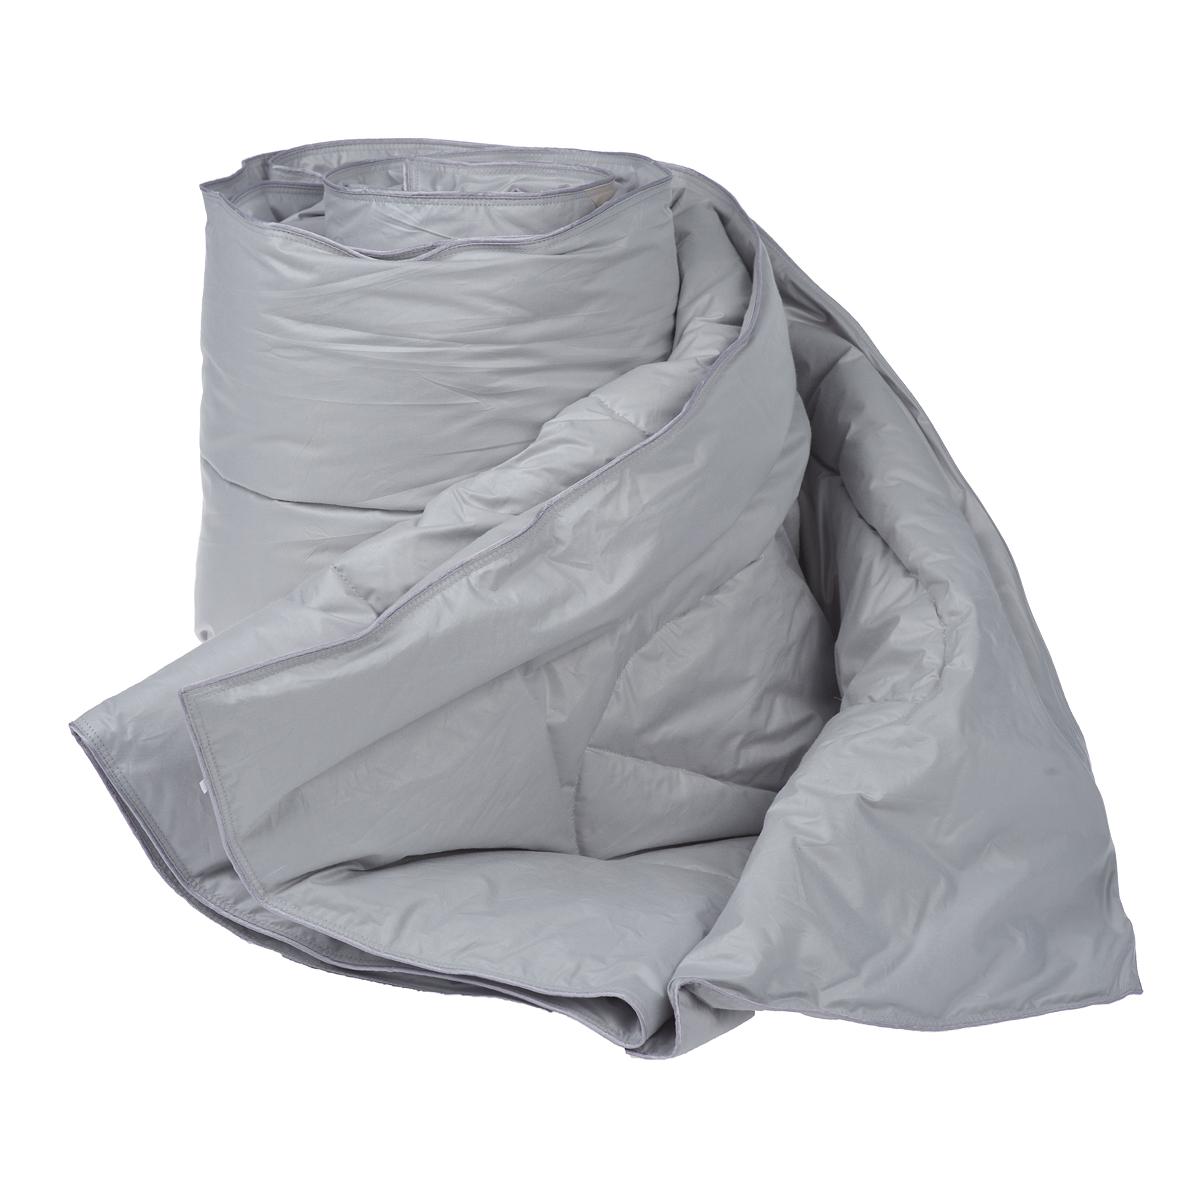 Одеяло Dargez Богемия, наполнитель: гусиный пух категории Экстра, 200 х 220 см96281375Одеяло Dargez Богемия подарит комфорт и уют во время сна. Чехол одеяла выполнен из пуходержащего гладкокрашеного батиста с обработкой ионами серебра.Ткань с ионами серебра благотворно воздействует на кожу, оказывает расслабляющее действие для организма человека, имеет устойчивый антибактериальный эффект. Уникальная запатентованная стежка Bodyline® по форме повторяет тело человека, что помогает эффективно регулировать теплообмен различных частей организма и создать оптимальный микроклимат во время сна.Натуральное сырье, инновационные разработки и современные технологии - вот рецепт вашего крепкого сна. Изделия коллекции способны стать прекрасным подарком для людей, ценящих красоту и комфорт. Рекомендации по уходу: - Стирка при температуре не более 40°С. - Запрещается отбеливать, гладить, выжимать и сушить в стиральной машине.Материал чехла: батист пуходержащий (100% хлопок). Материал наполнителя: гусиный пух категории Экстра.